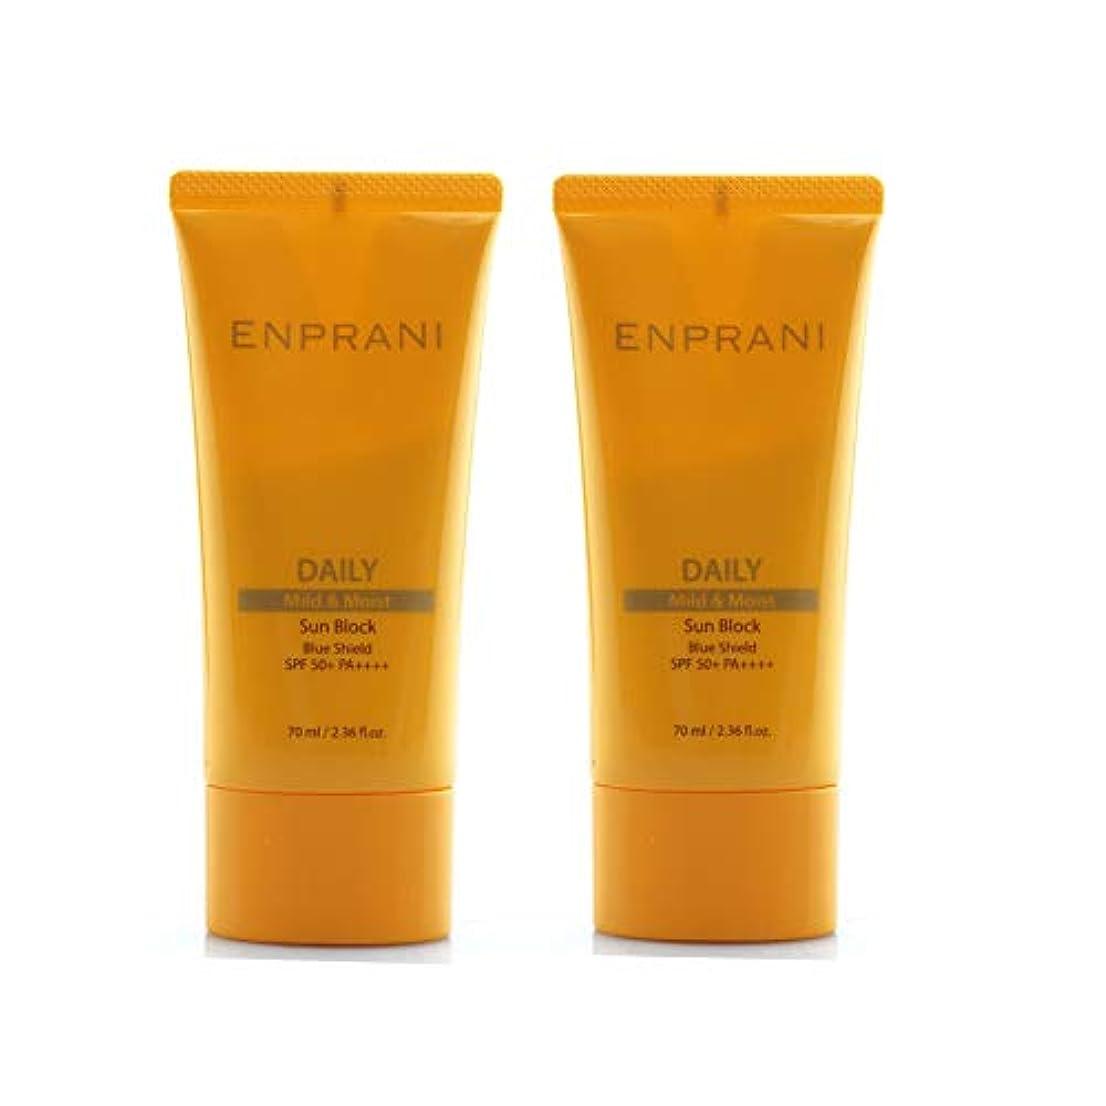 エンプラニデイリーサンブロックSPF50+/ PA++++ 70mlx2本セットサンクリーム、Enprani Daily Sun Block SPF50+ / PA++++ 70ml x 2ea Set Sun Cream...